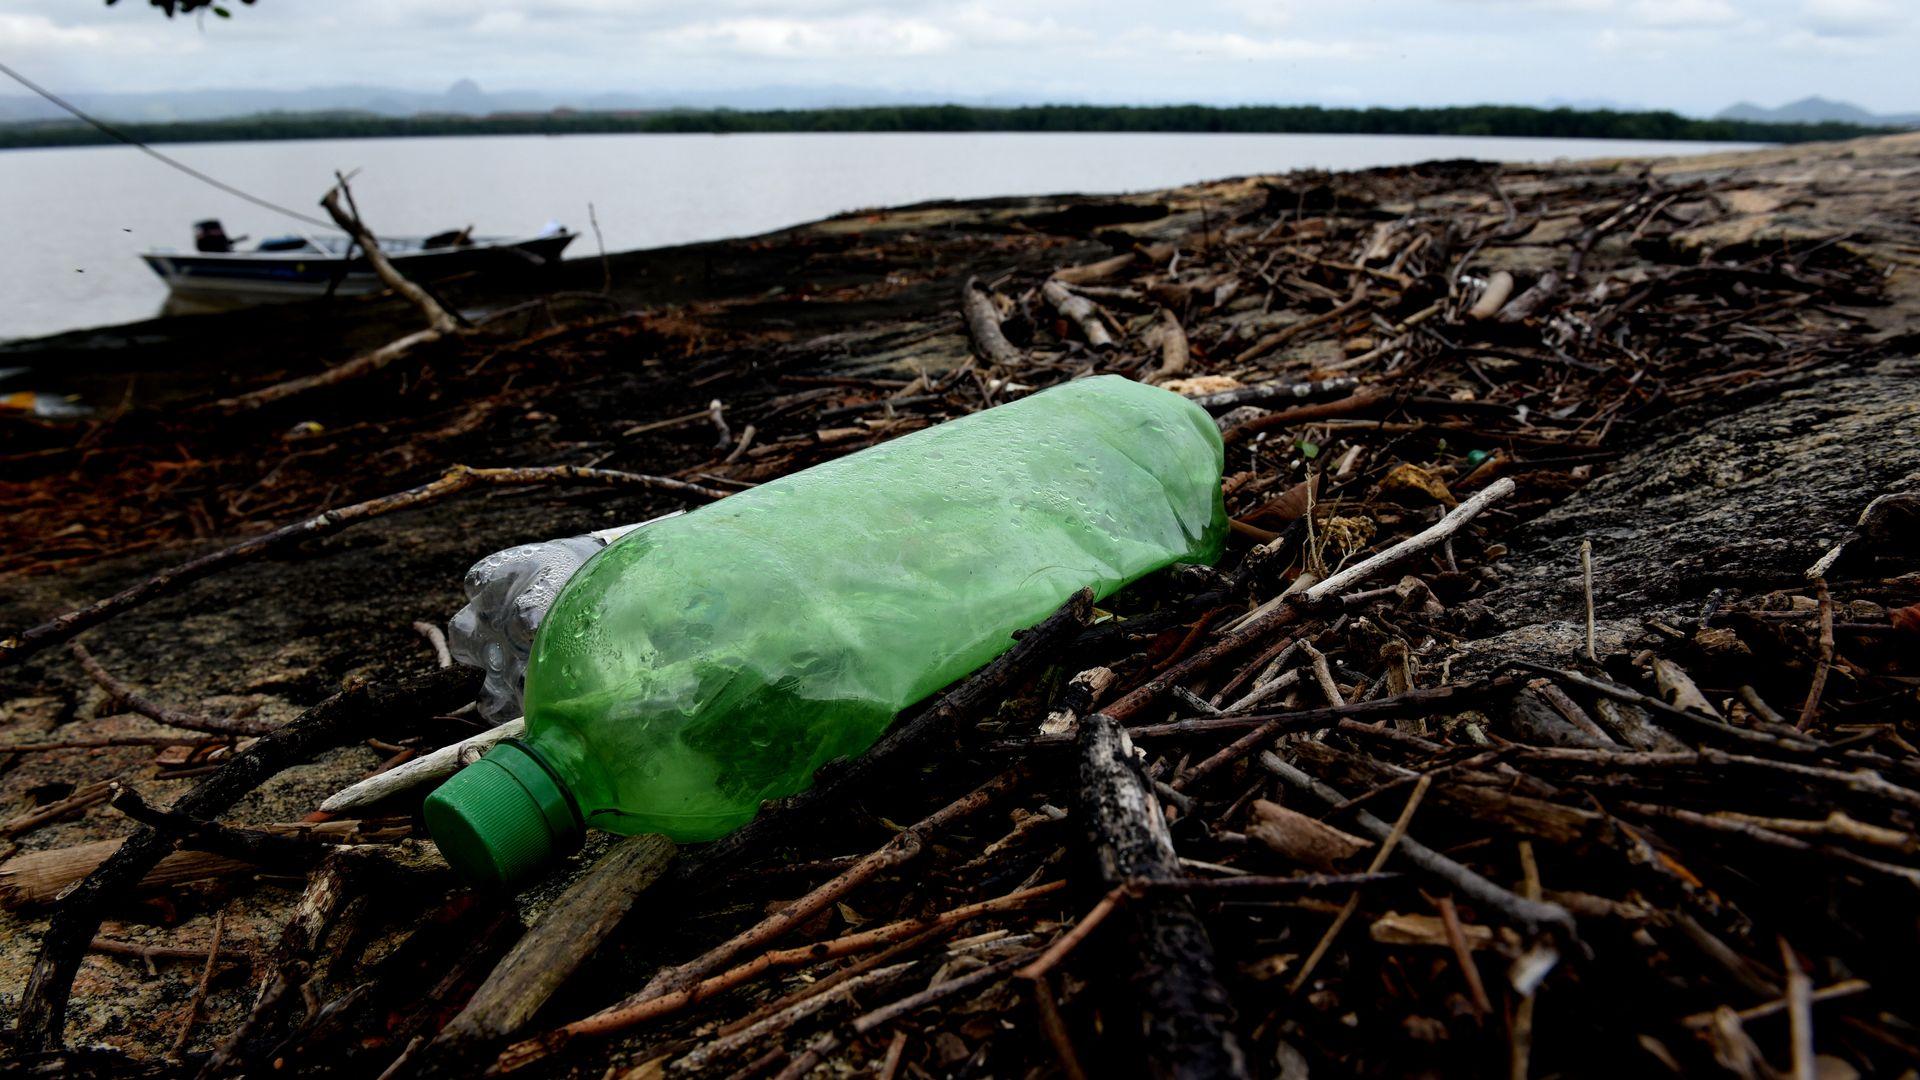 Data: 22/05/2020 - ES - Vitória - Lixo despejado pròximodo  manguezal ,em Vitória - Editoria: Cidades - Foto: Ricardo Medeiros - GZ